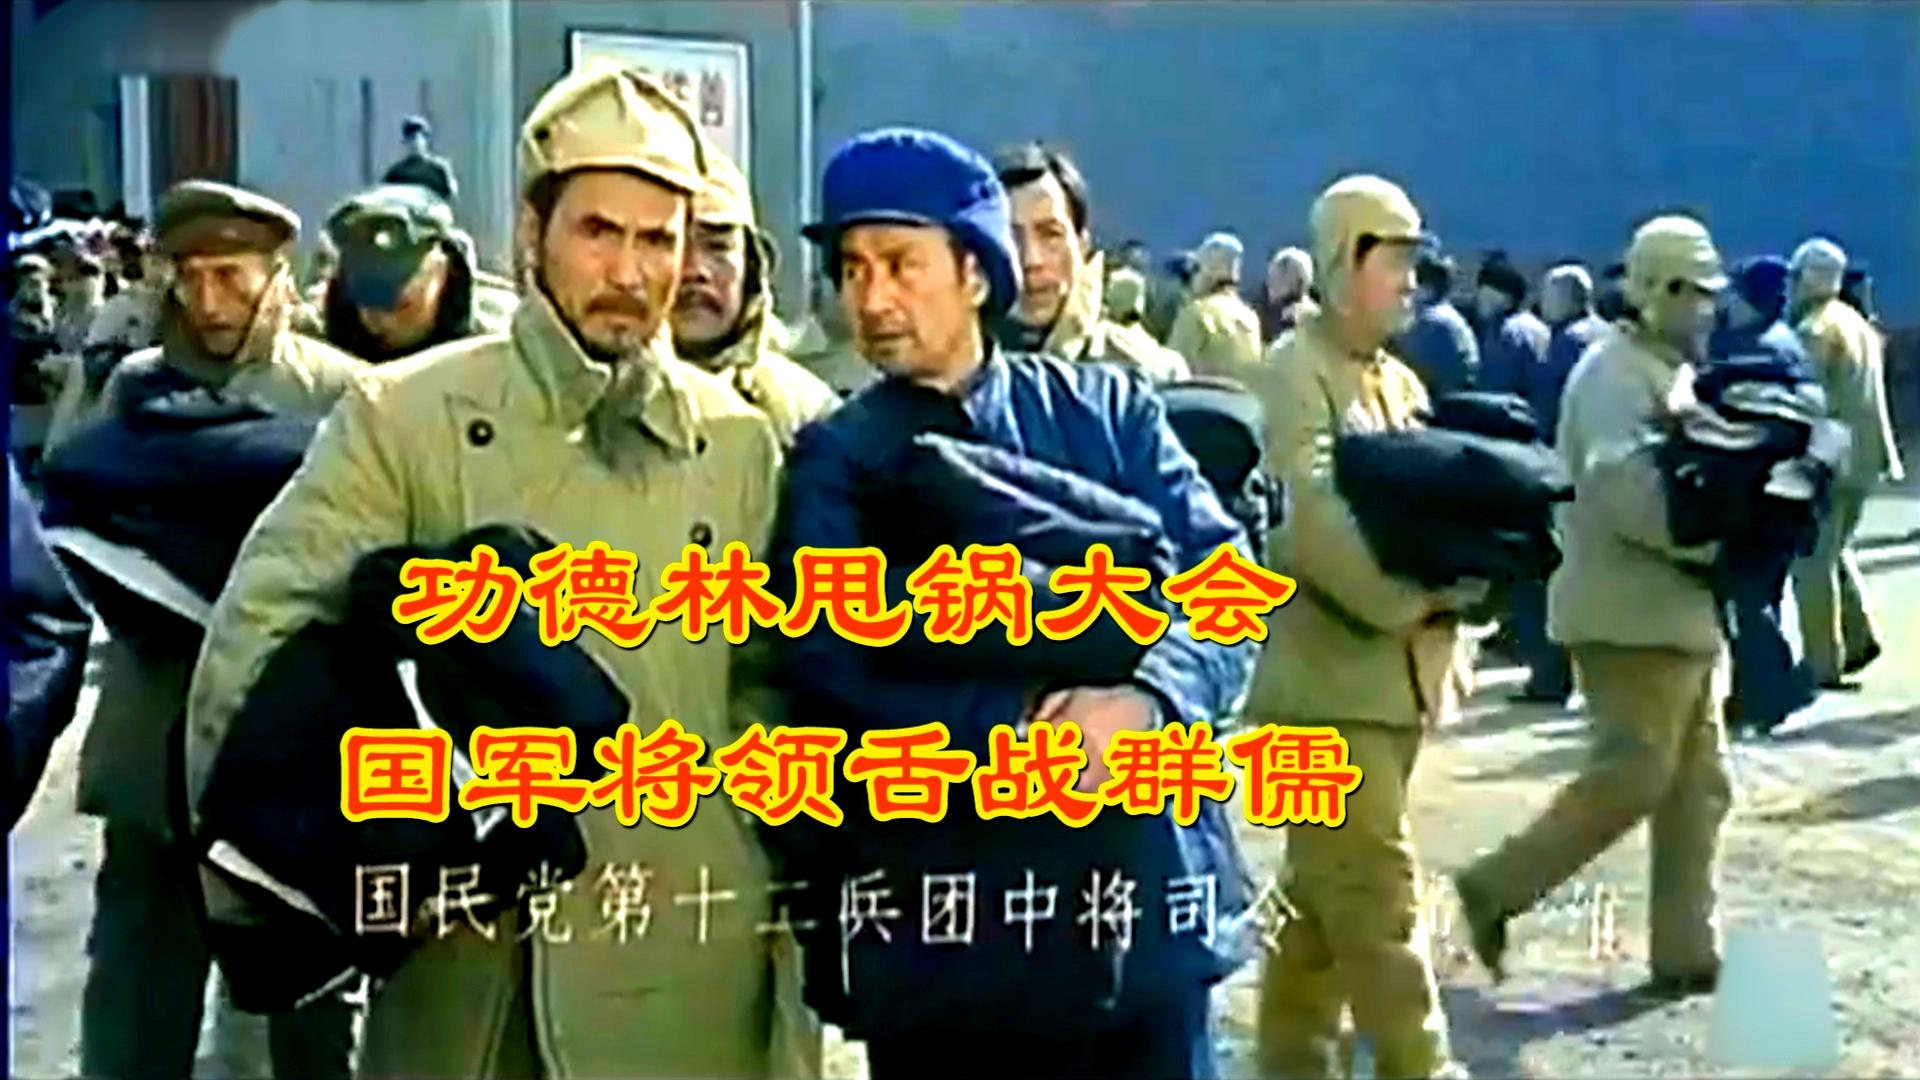 抗美援朝胜利后,整个功德林沸腾了,国军将领集体认输,经典老片